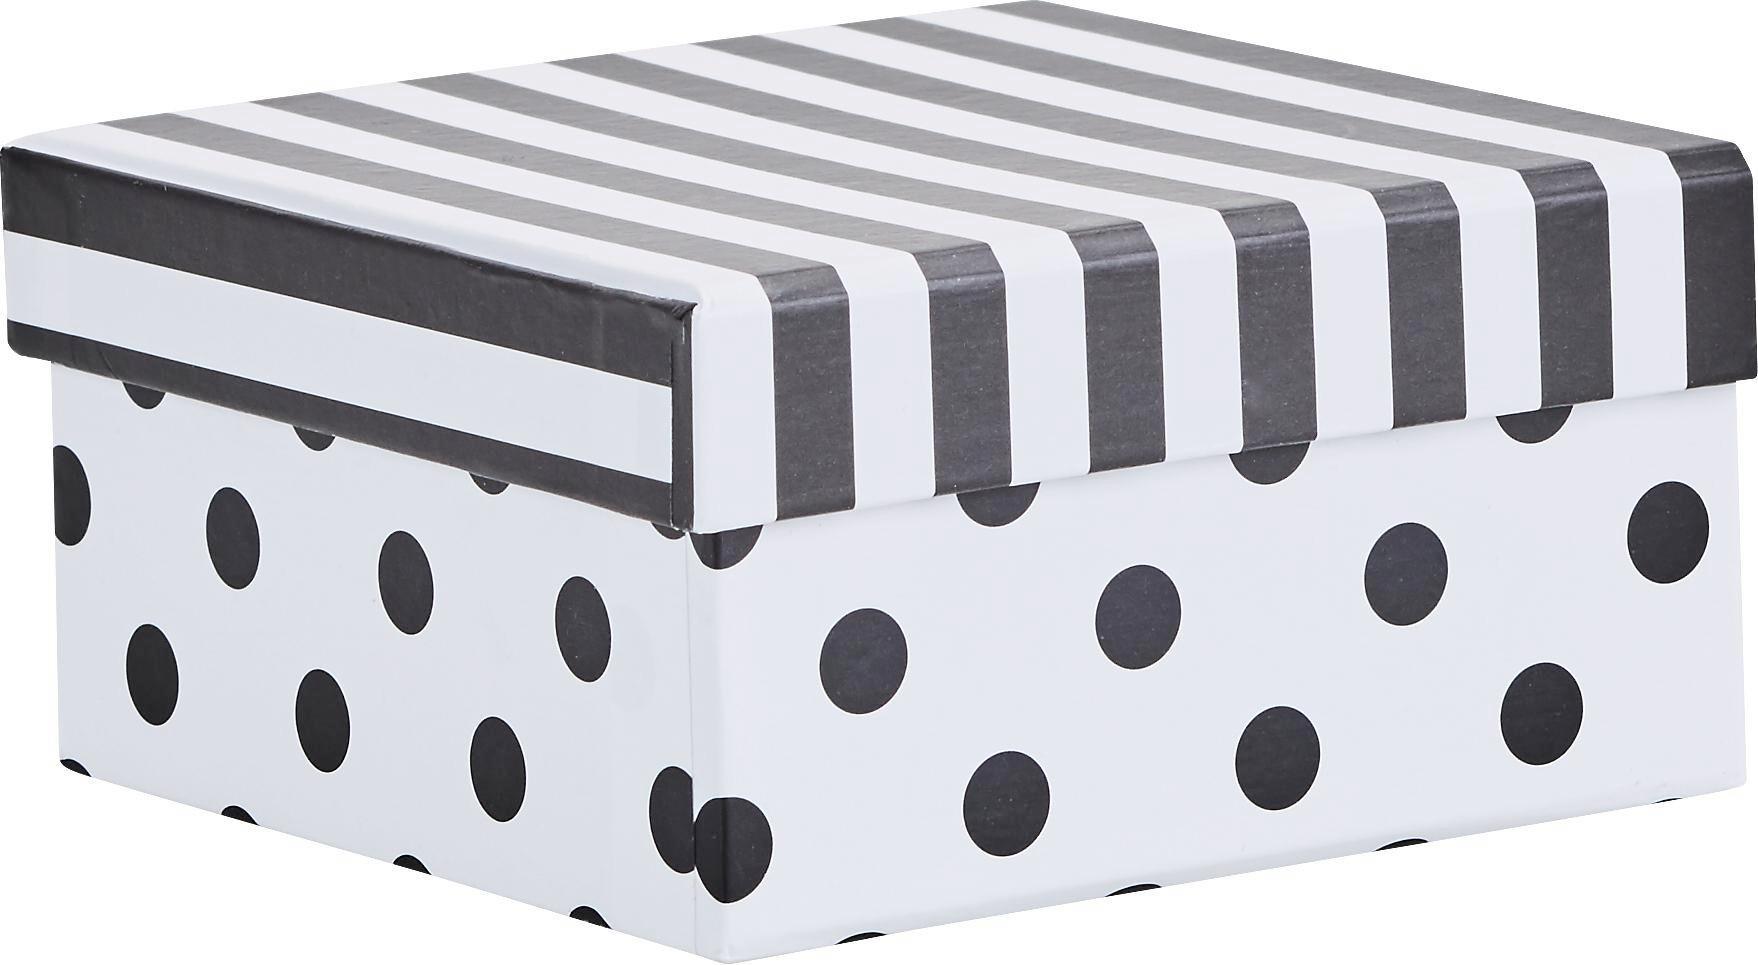 Ajándékdoboz Geomatric - fekete/fehér, papír (12,3/8,3/5cm) - MÖMAX modern living